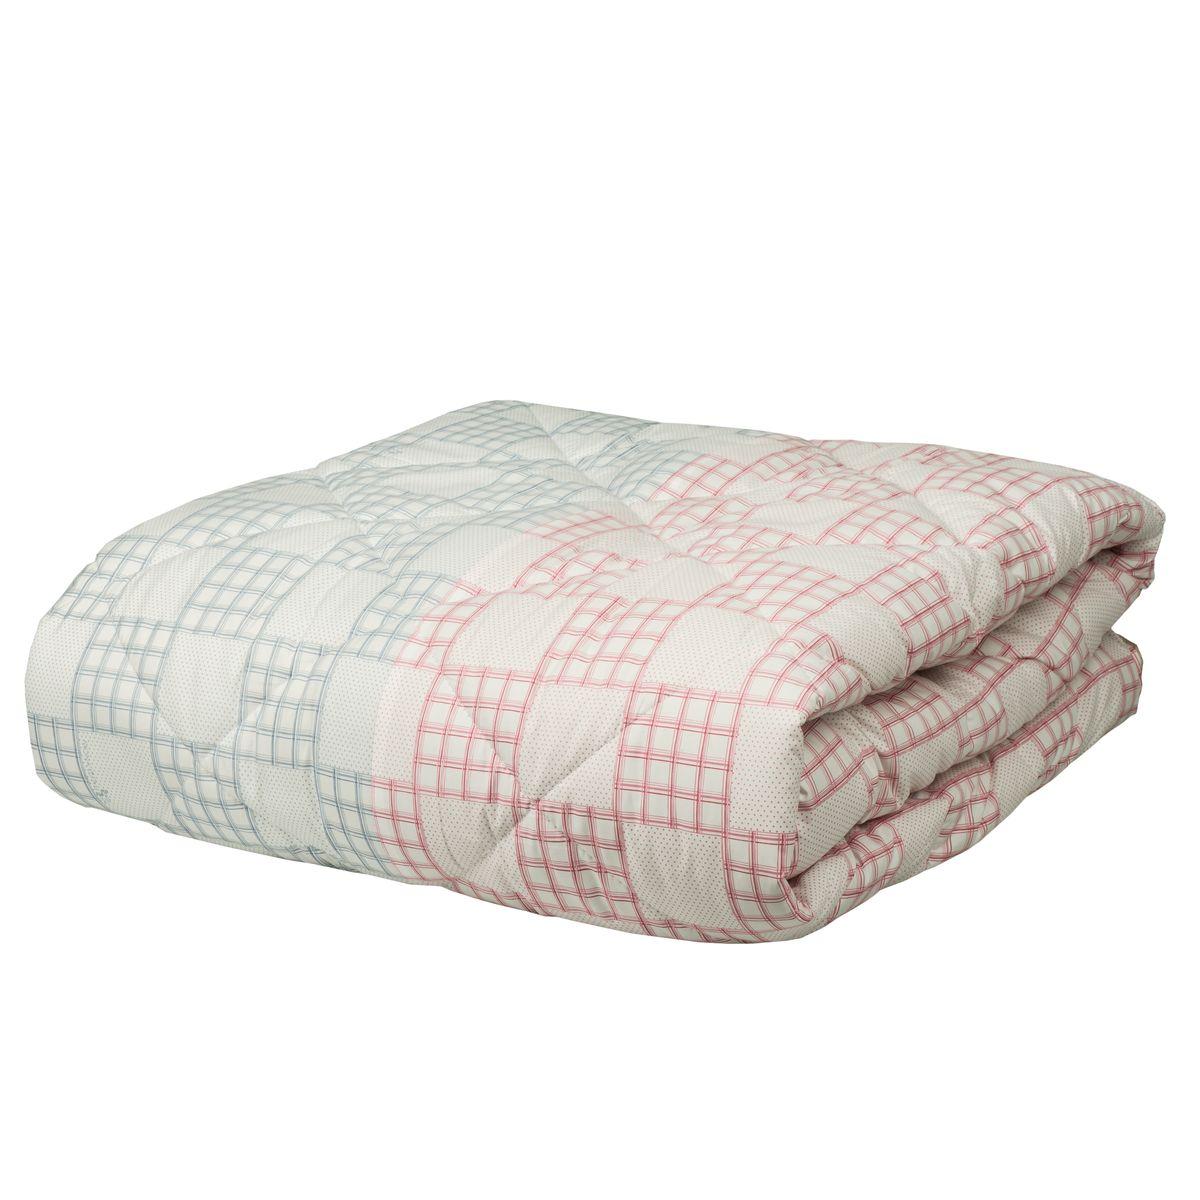 Одеяло Mona Liza Chalet Climat Control, цвет: серый, розовый, 170 х 200 смCLP446Одеяло Mona Liza Chalet Climat Control изготовлено из плотного тика, с отделочным кантом. Одновременно имеет две зоны температурного режима, поскольку наполнитель состоит из двух частей: одна половина изделия более теплая, содержит волокна натуральной шерсти, а вторая половина одеяла прохладная - так как наполнена натуральными растительными волокнами. Такое одеяло сделает спальное место уютным иподарит ощущение комфорта.